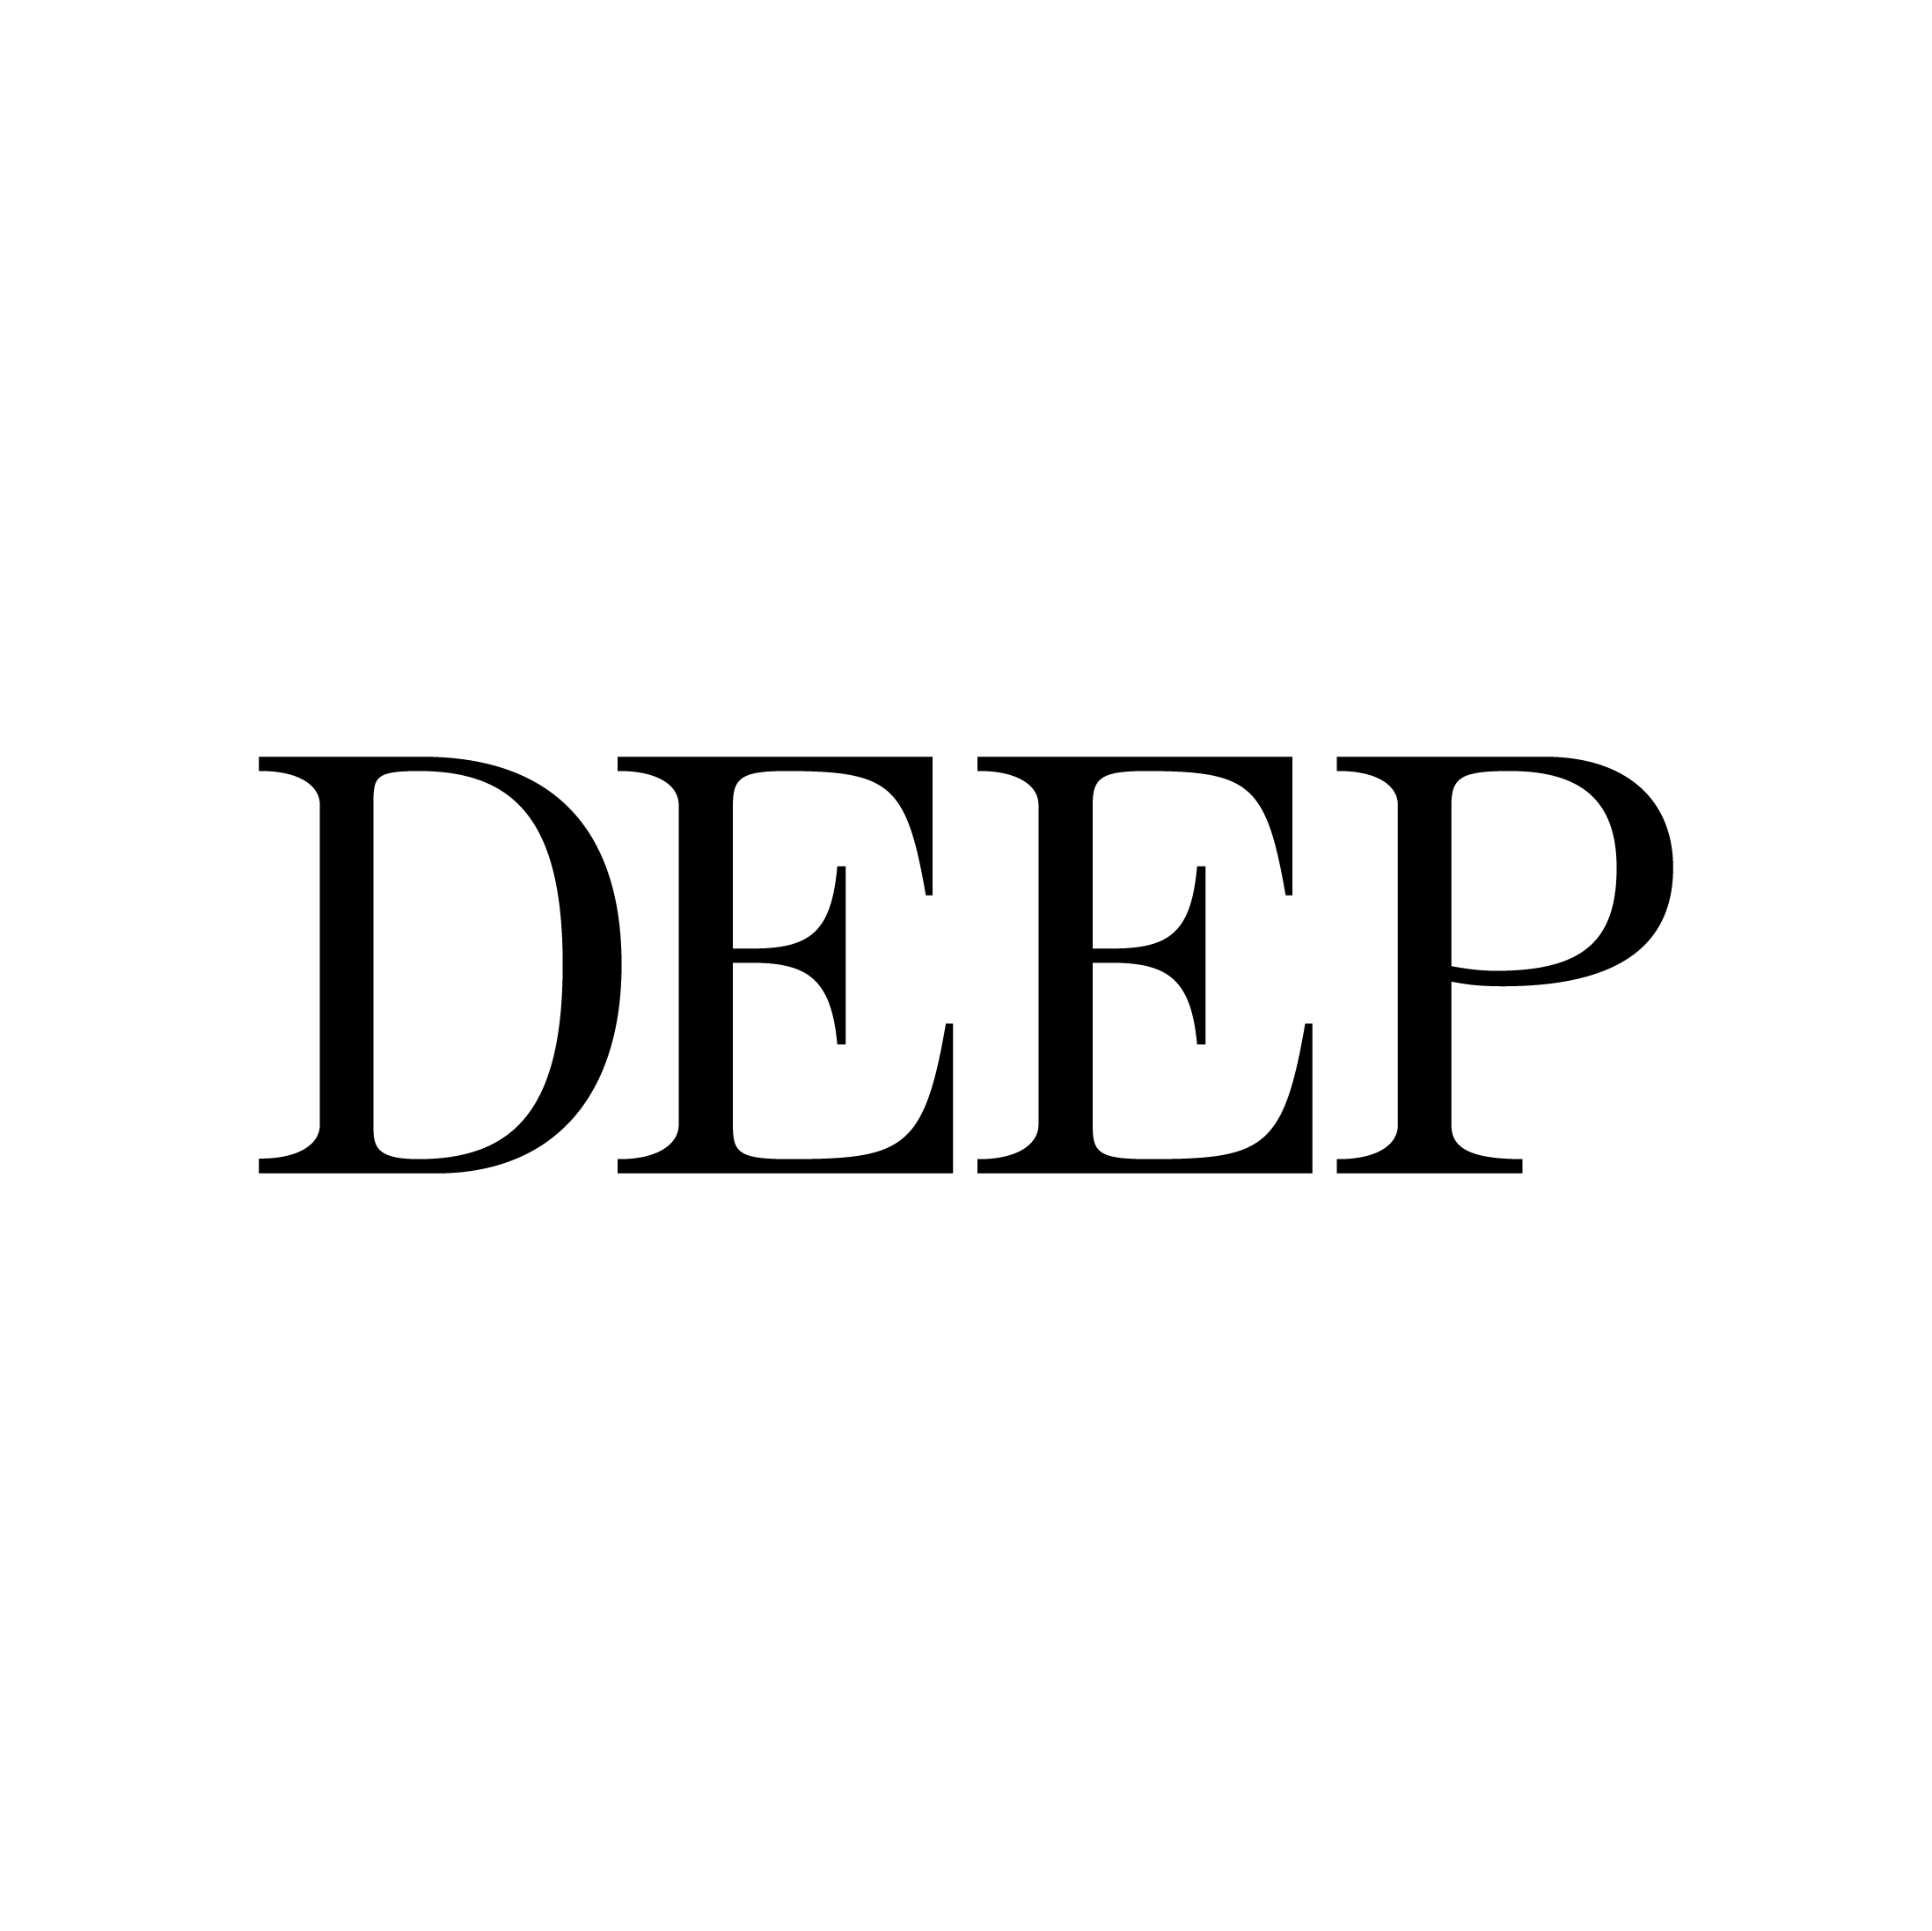 OP_DeepProfile_4-1513786992.png